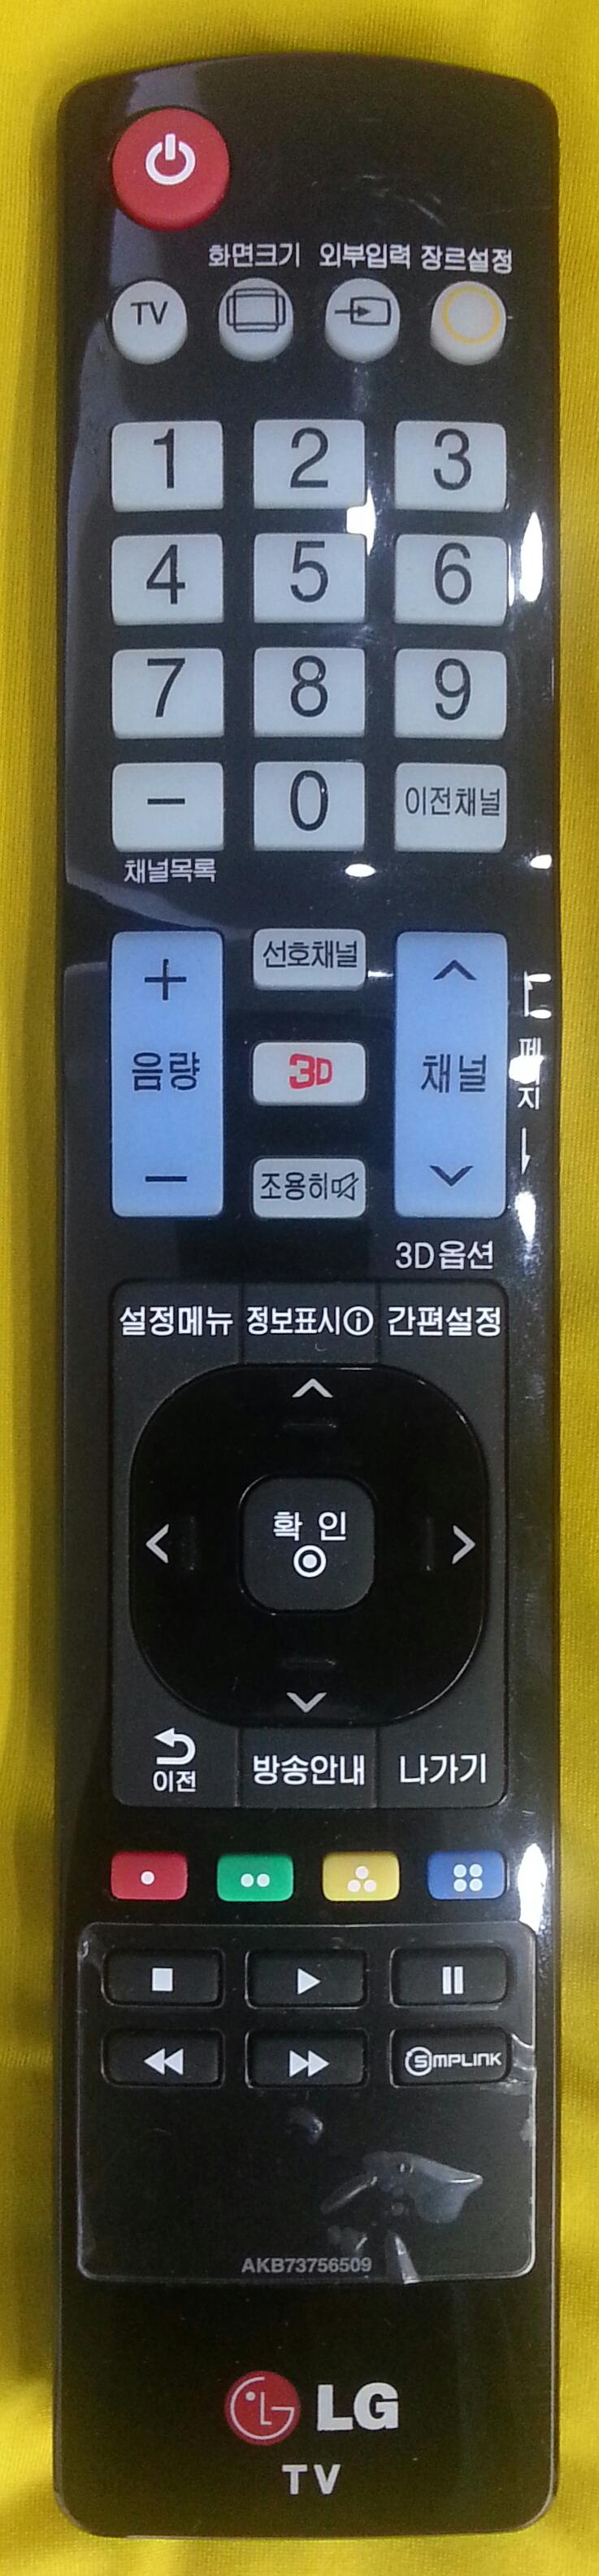 LG509.jpg